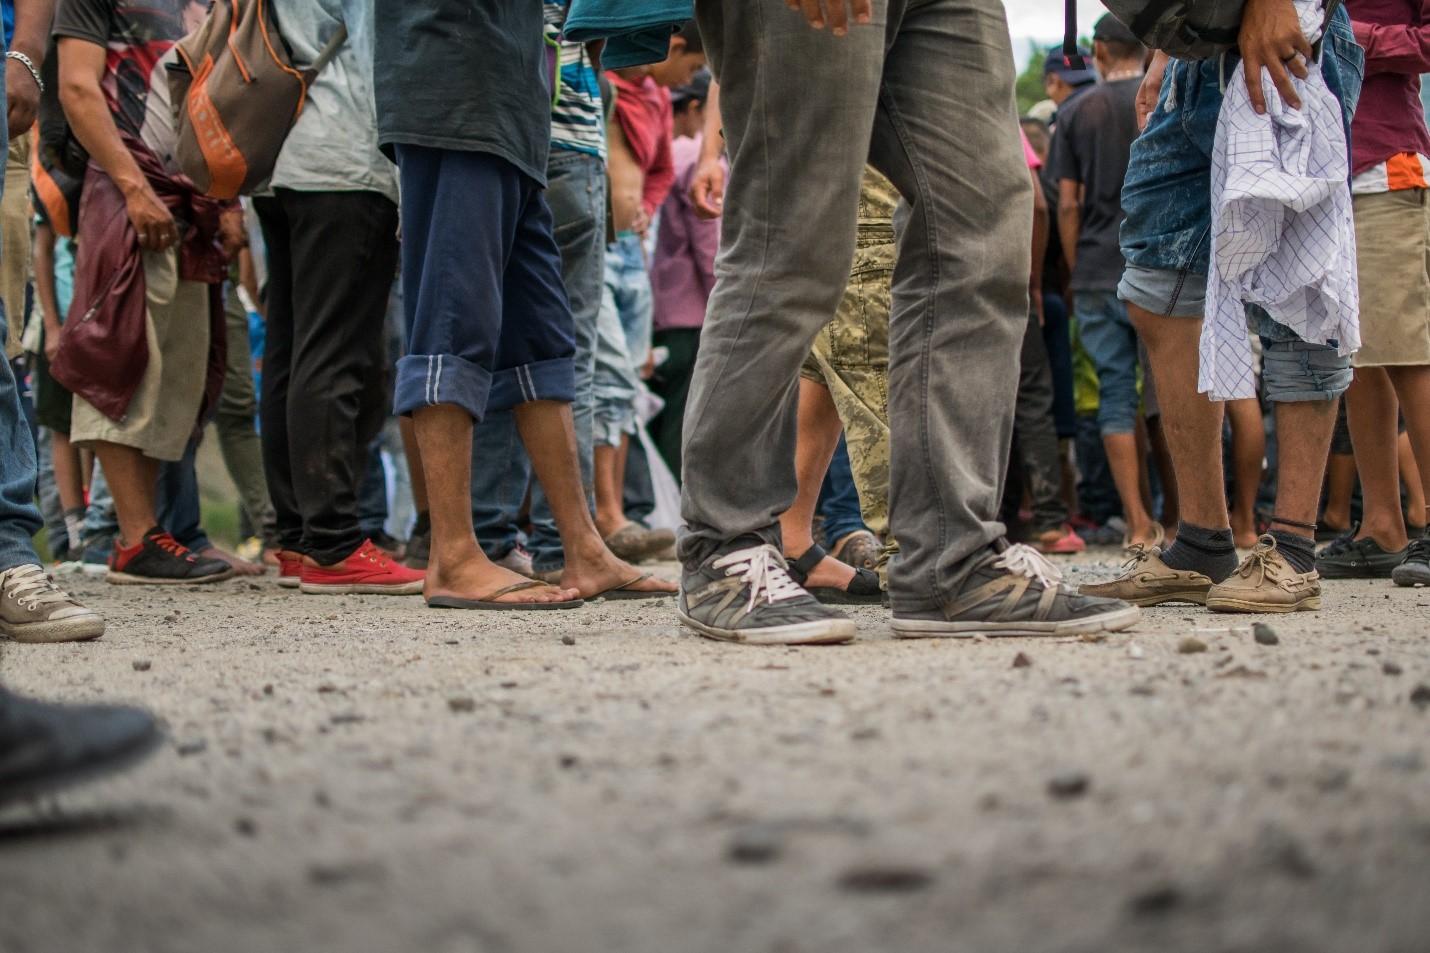 ONU: Casi 5 millones de personas huyeron de la crisis en Venezuela